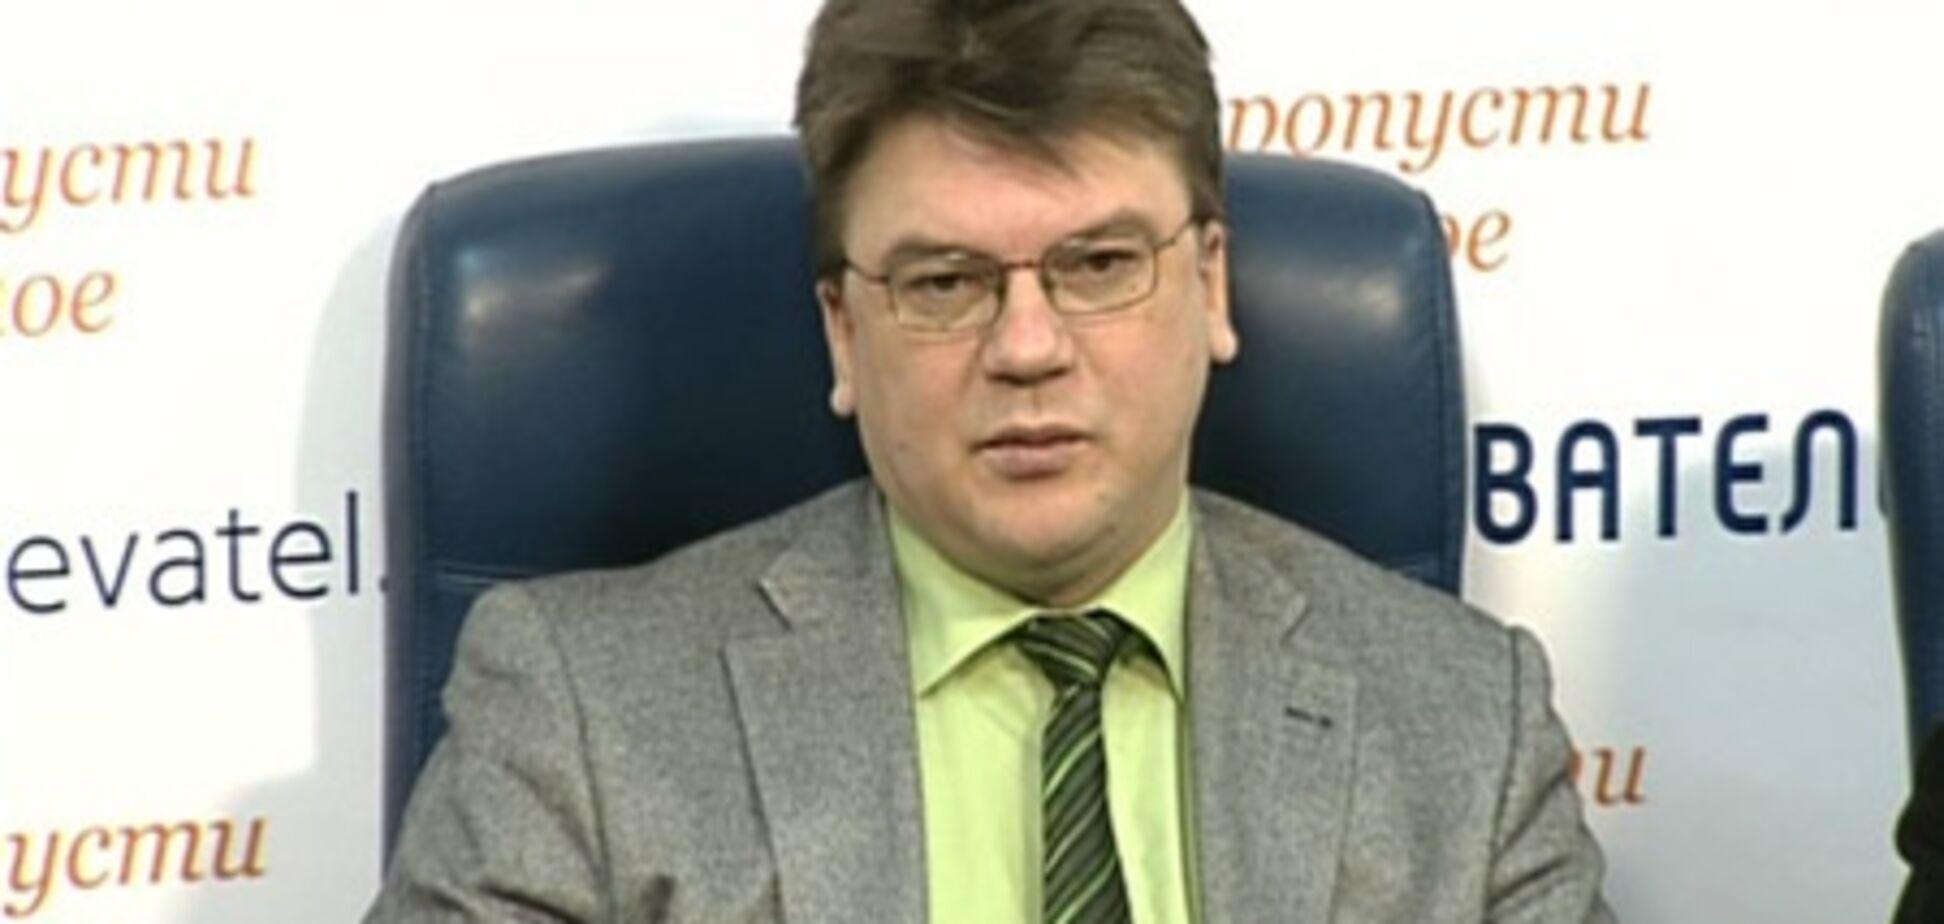 Замість Тимошенко Юлії опозиції підсовують Тимошенко Євгенію - Жданов